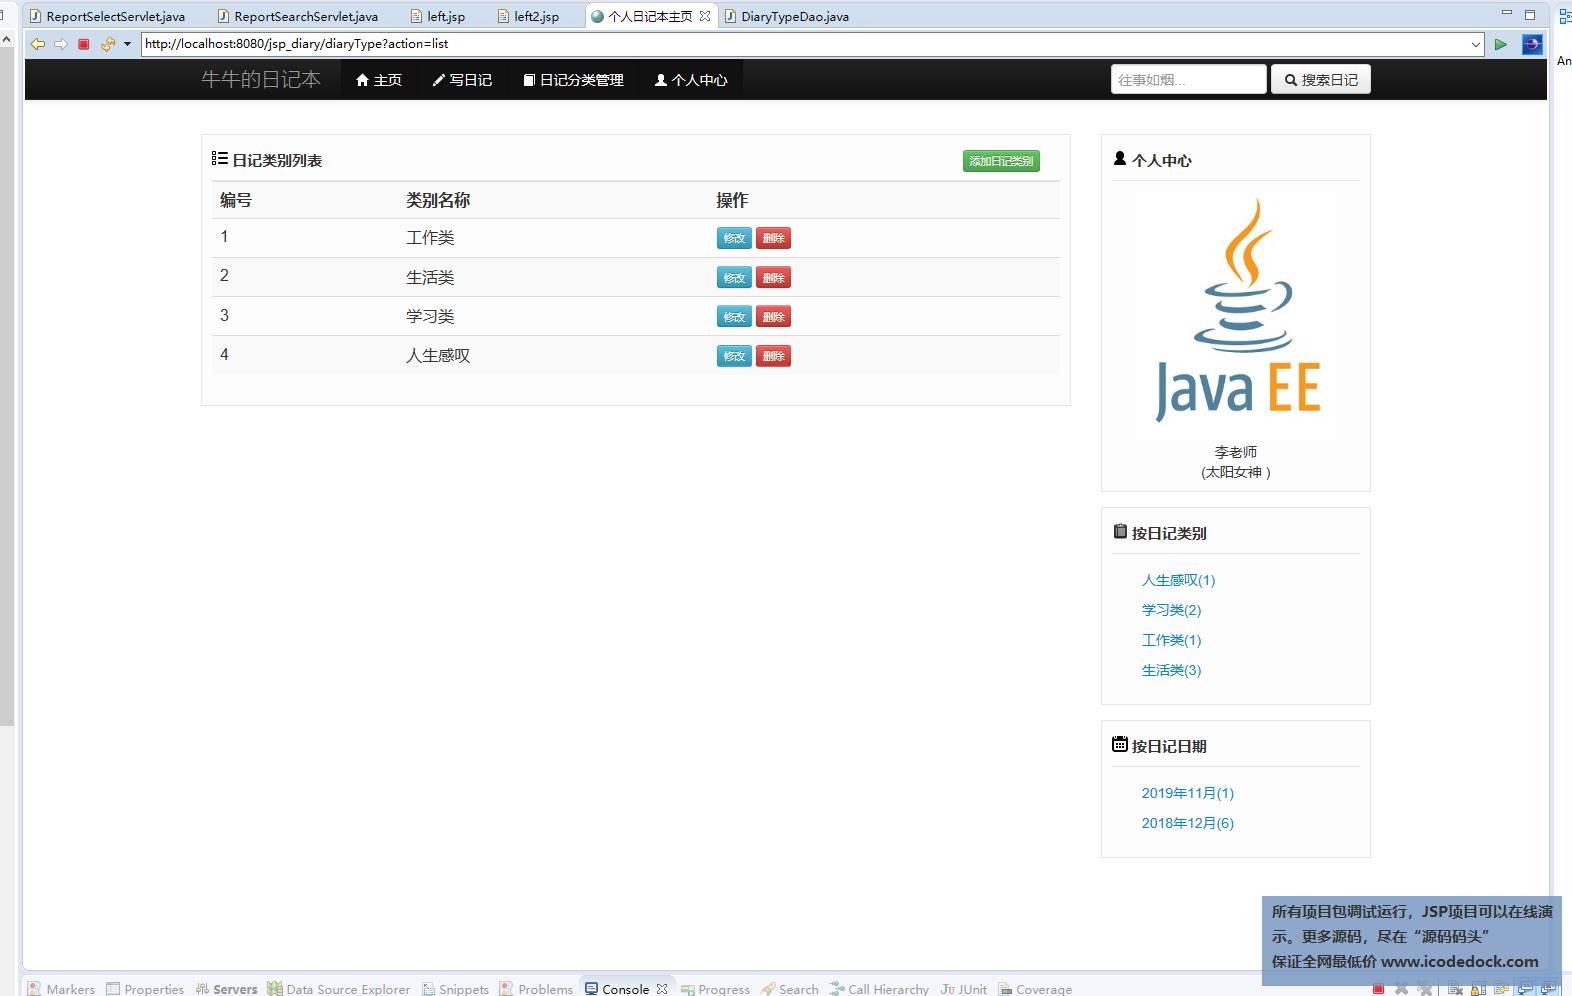 源码码头-JSP个人日记本-作者账号-日记分类管理